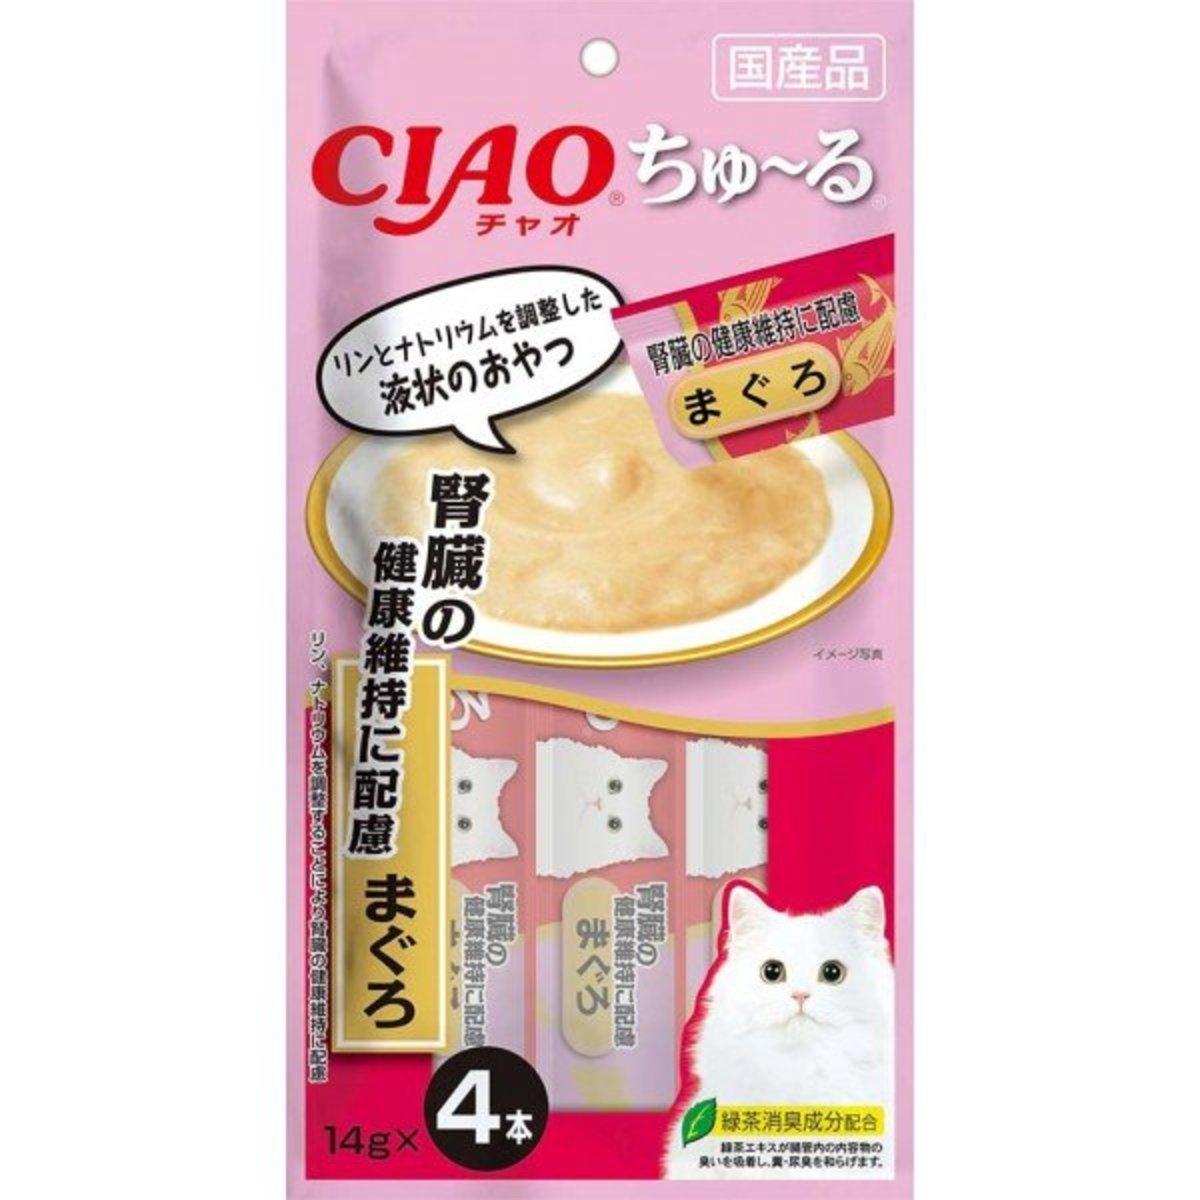 CIAO Churu Tuna Puree - Kidney Health  (14g x 4) #SC-157